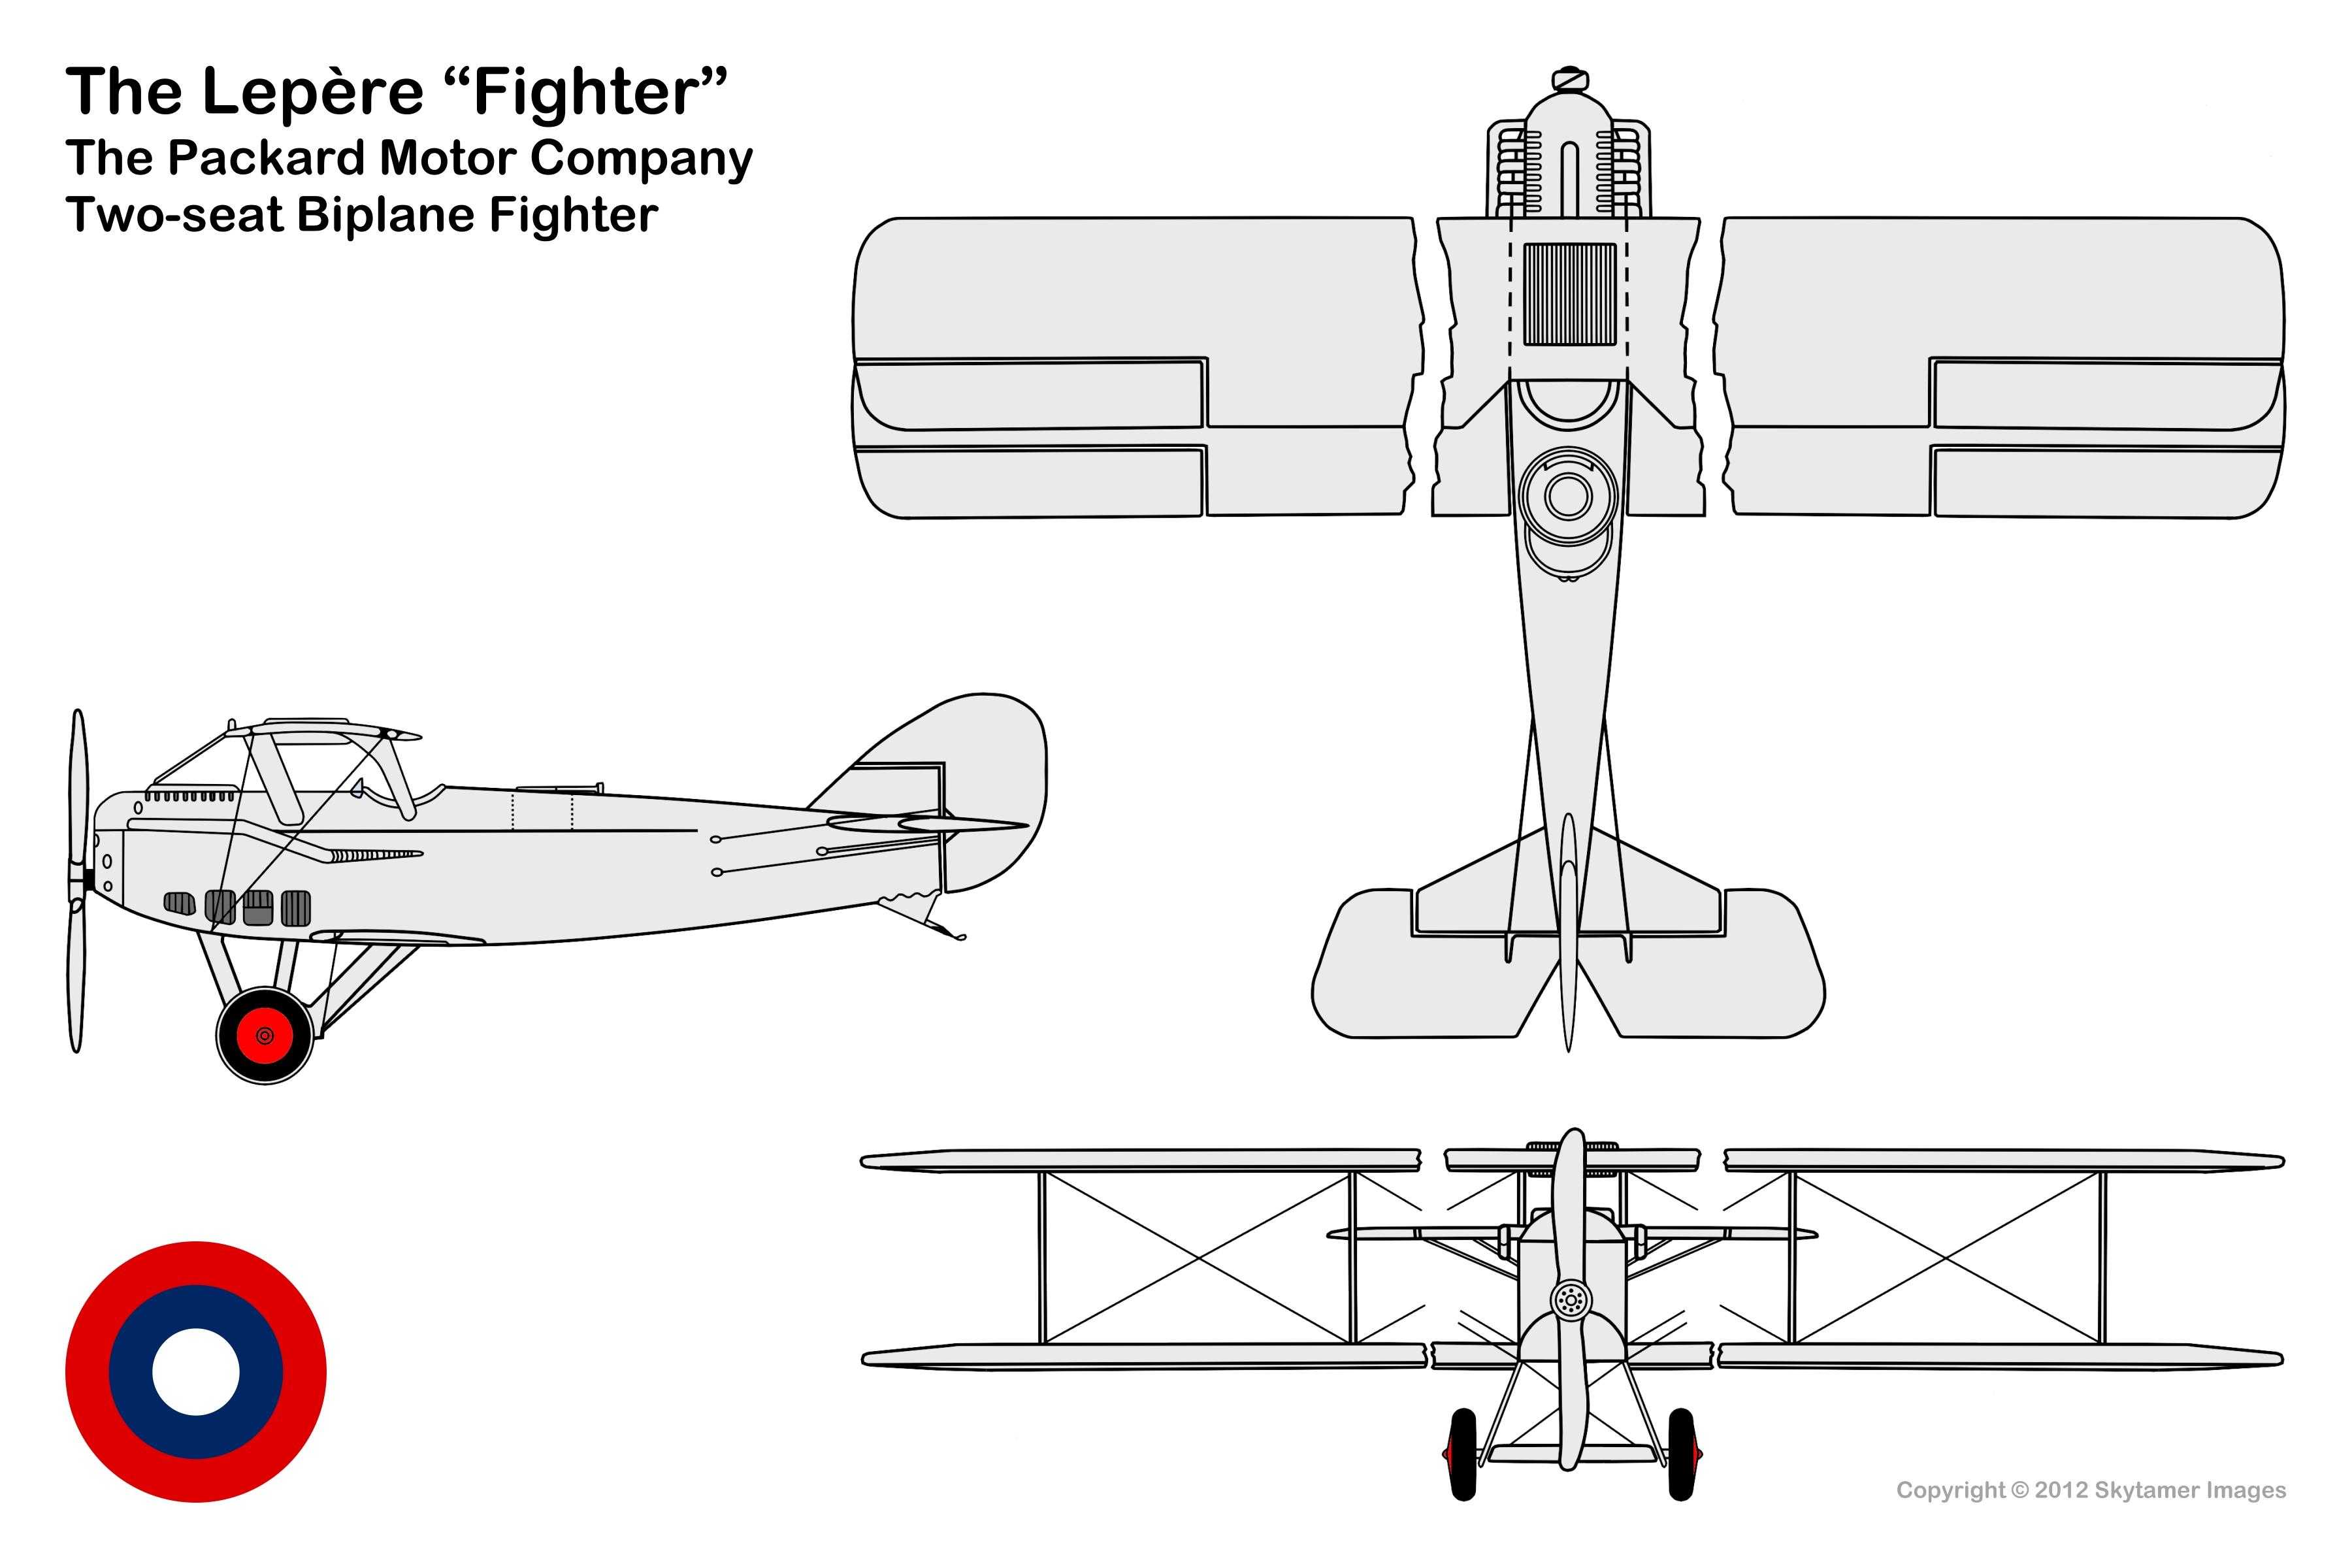 Plane View Drawing Span Upper Plane 39 Feet